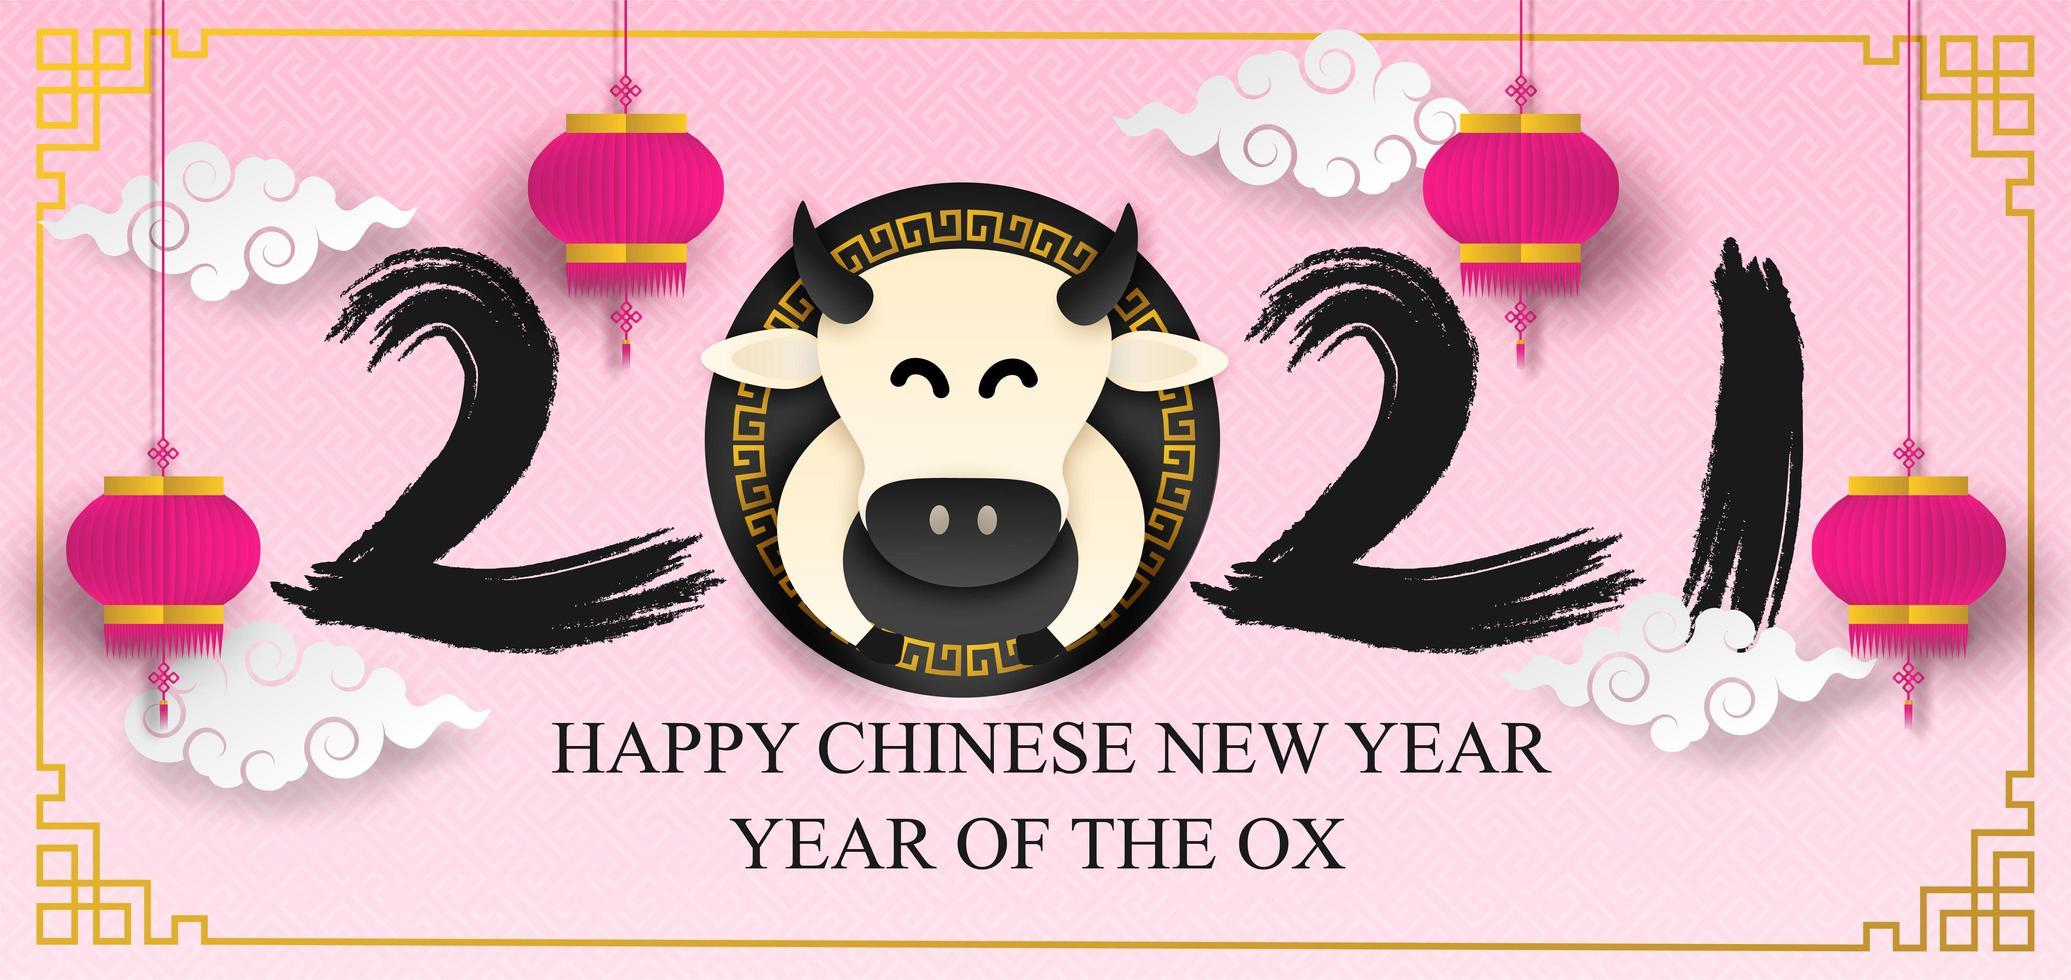 año nuevo chino 2021 texto y buey en rosa vector